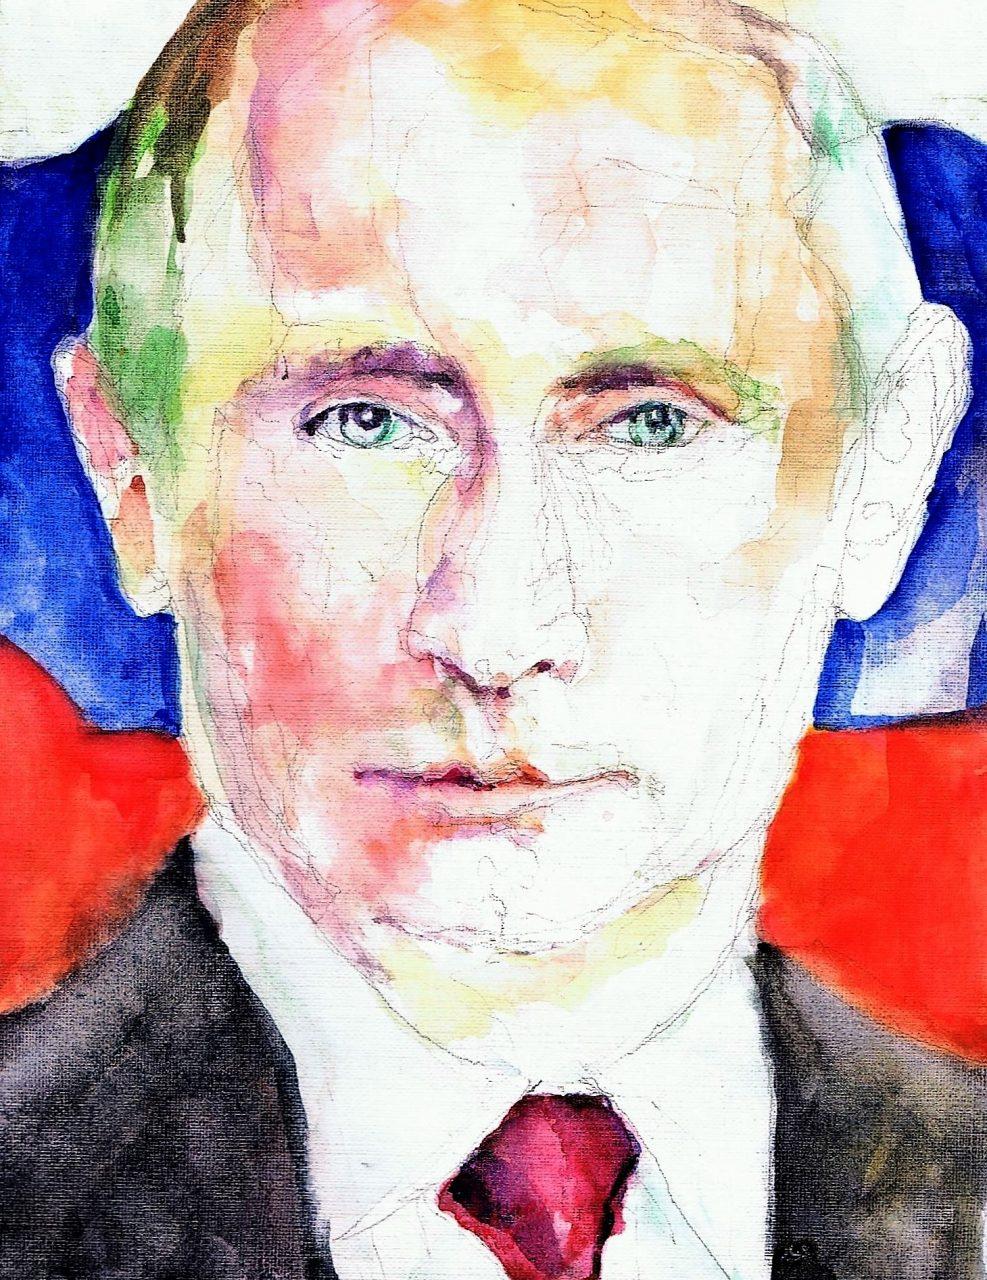 Poetin Aquarel 19x35